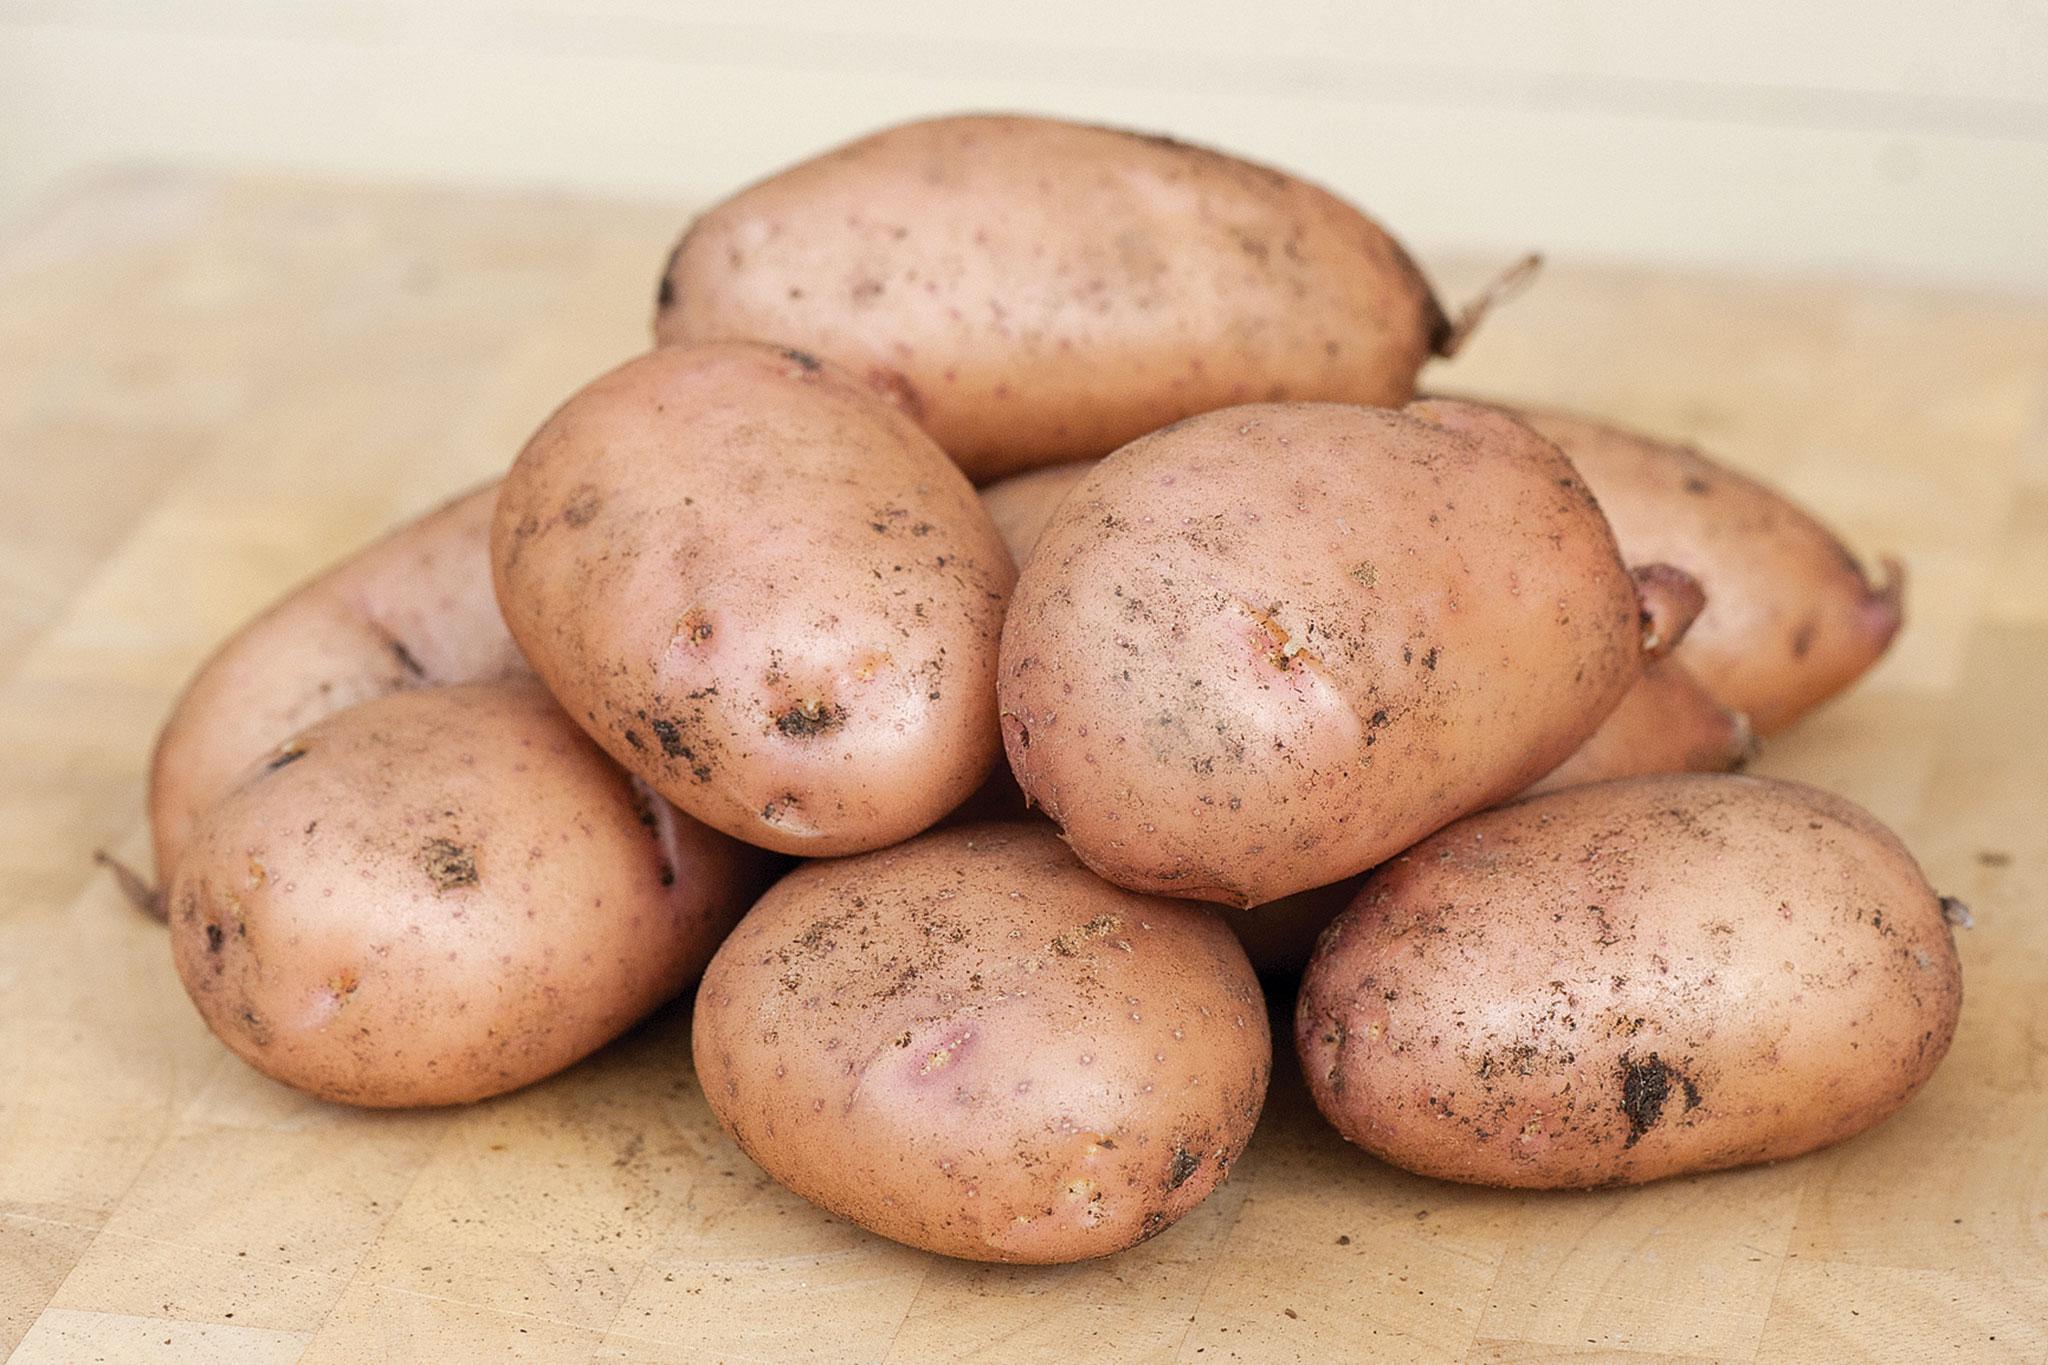 Жуковский ранний позволяет получить ультраранний урожай картофеля, который пригоден для длительного хранения